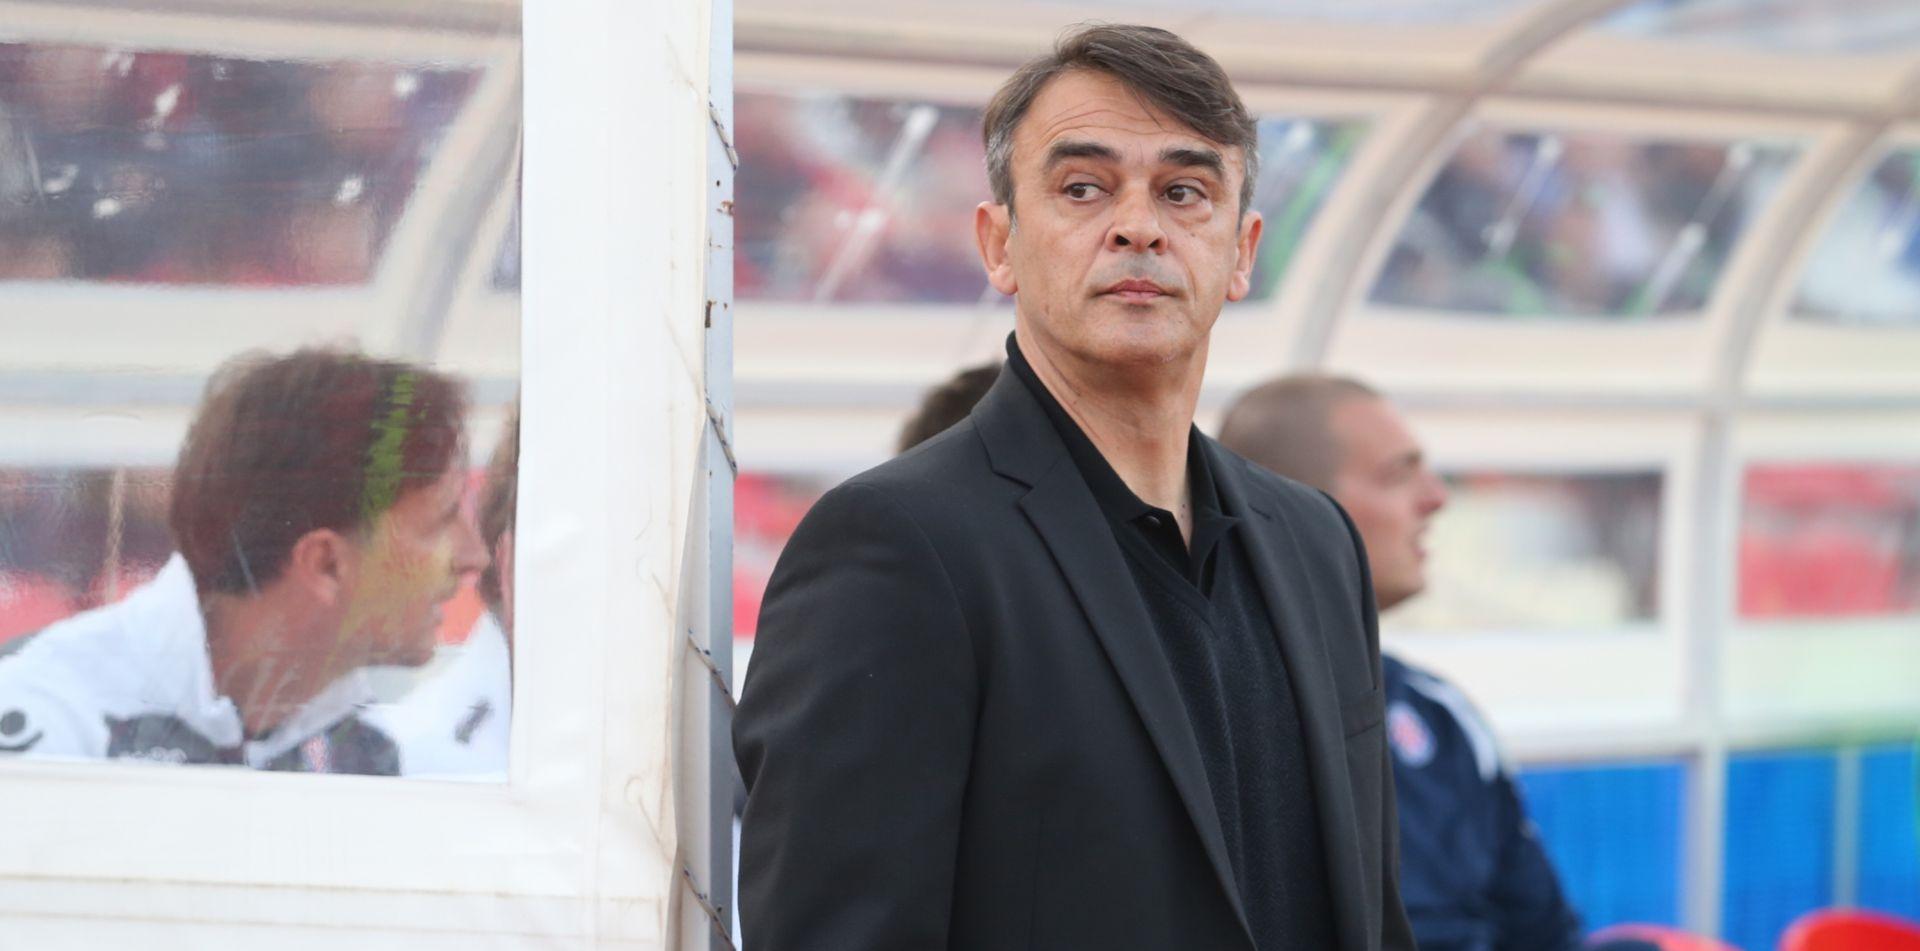 """VIDEO: BURIĆ NAJAVIO UZVRAT NA MAKSIMIRU """"Volio bih da se dogodi iznenađenje, ali mislim da će protivnik ovaj put biti spremniji"""""""